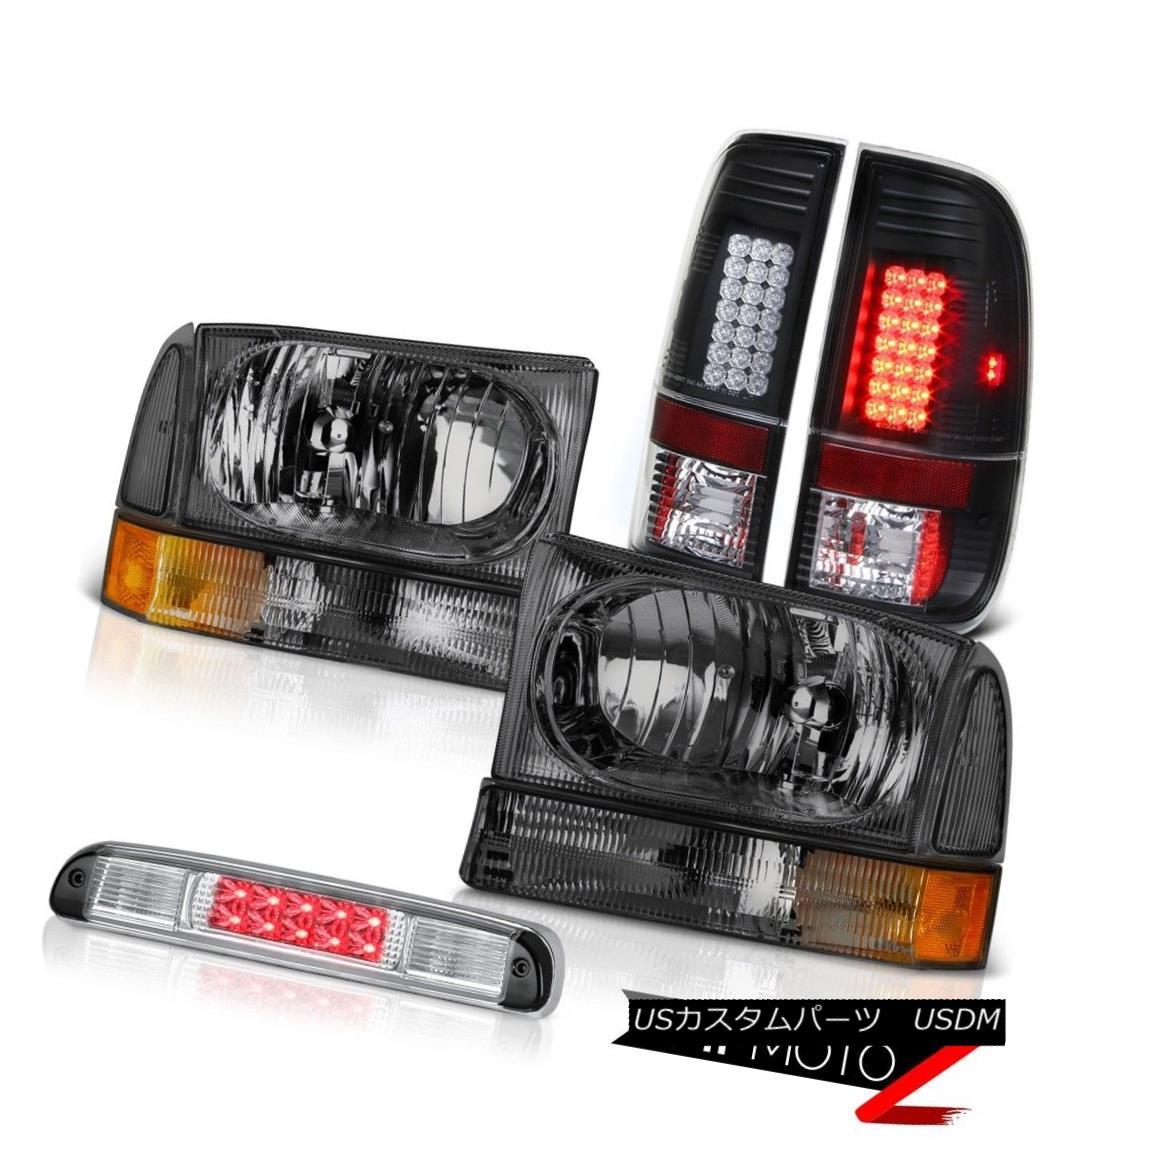 テールライト Crystal Headlights LED Bulbs Tail Lights Roof Stop Clear 1999-2004 Ford F250 XLT クリスタルヘッドライトLED電球テールライトルーフストップクリア1999-2004 Ford F250 XLT